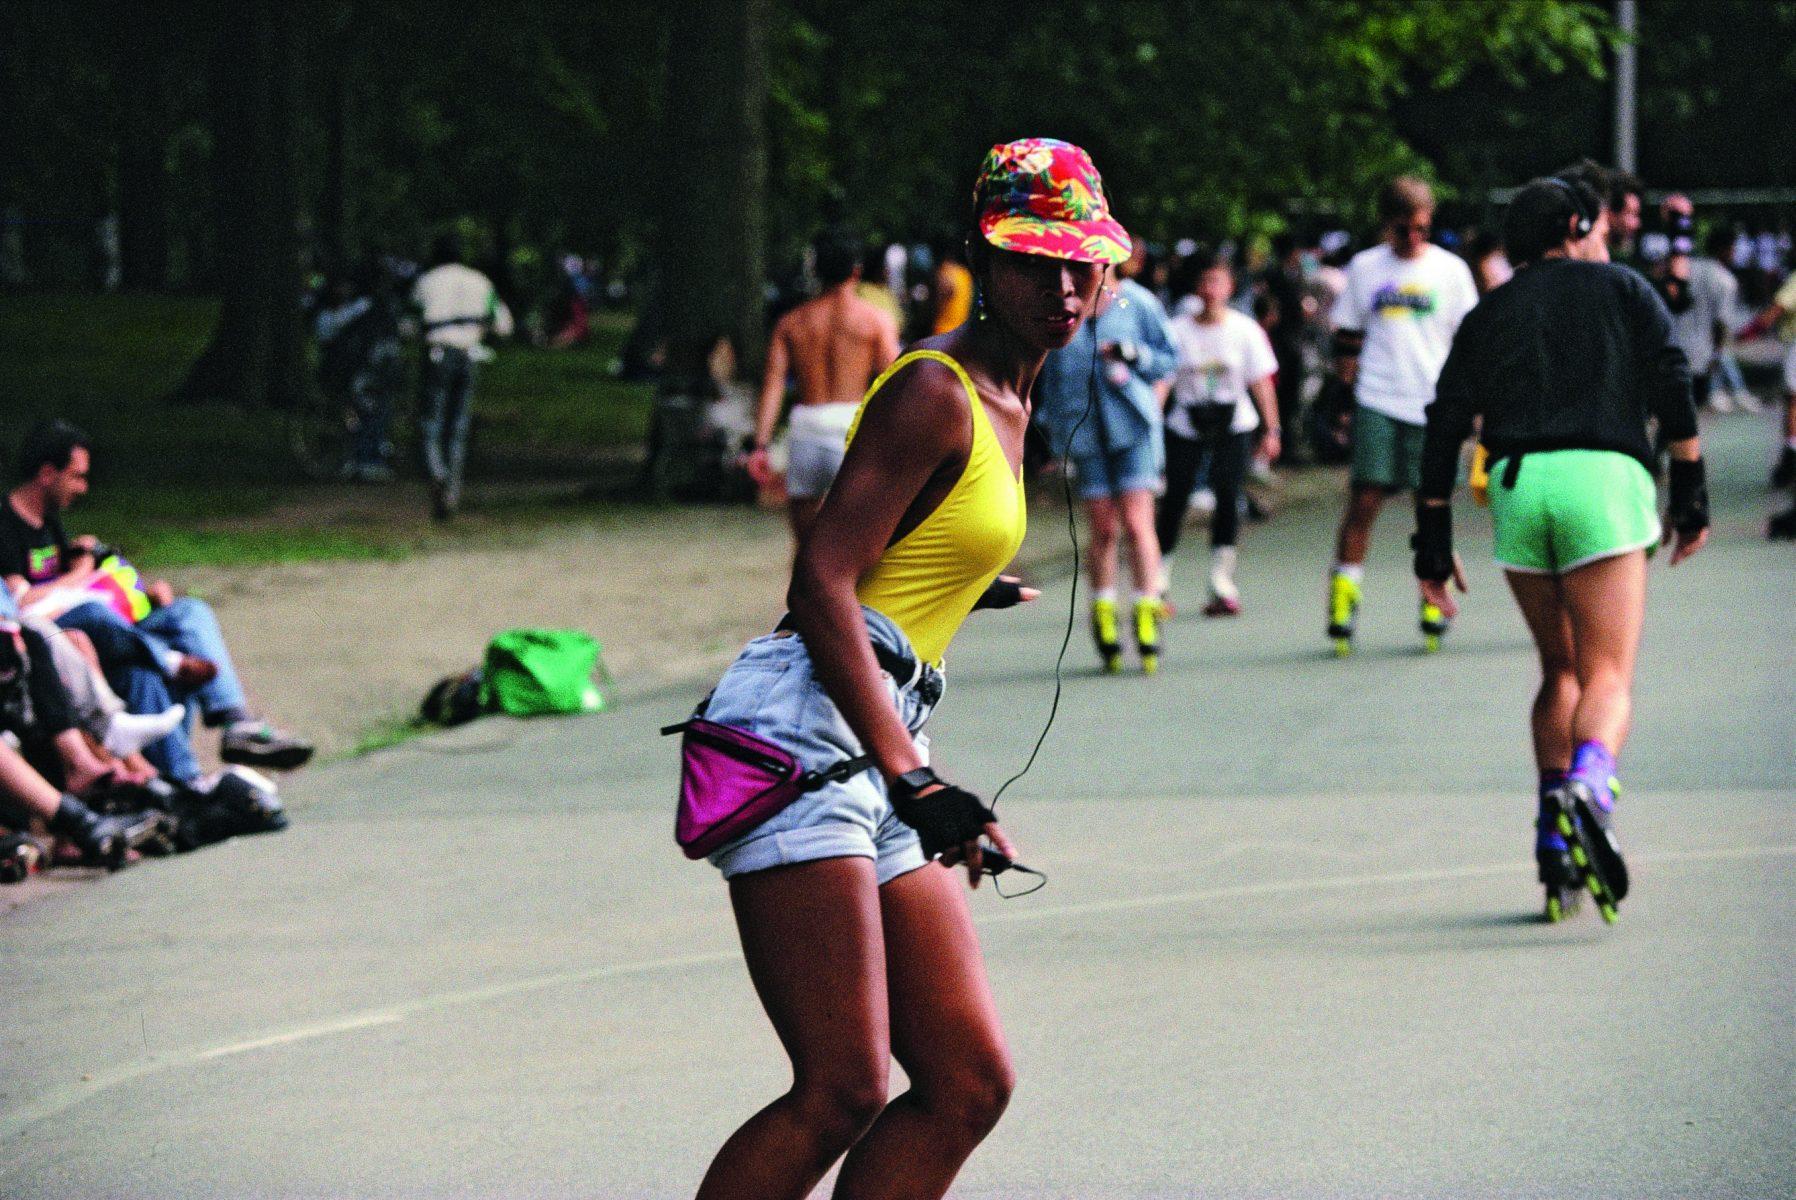 布鲁斯·戴维森 (Bruce Davidson) 拍摄的彩色照片,纽约中央公园,1991 年,轮滑运动员